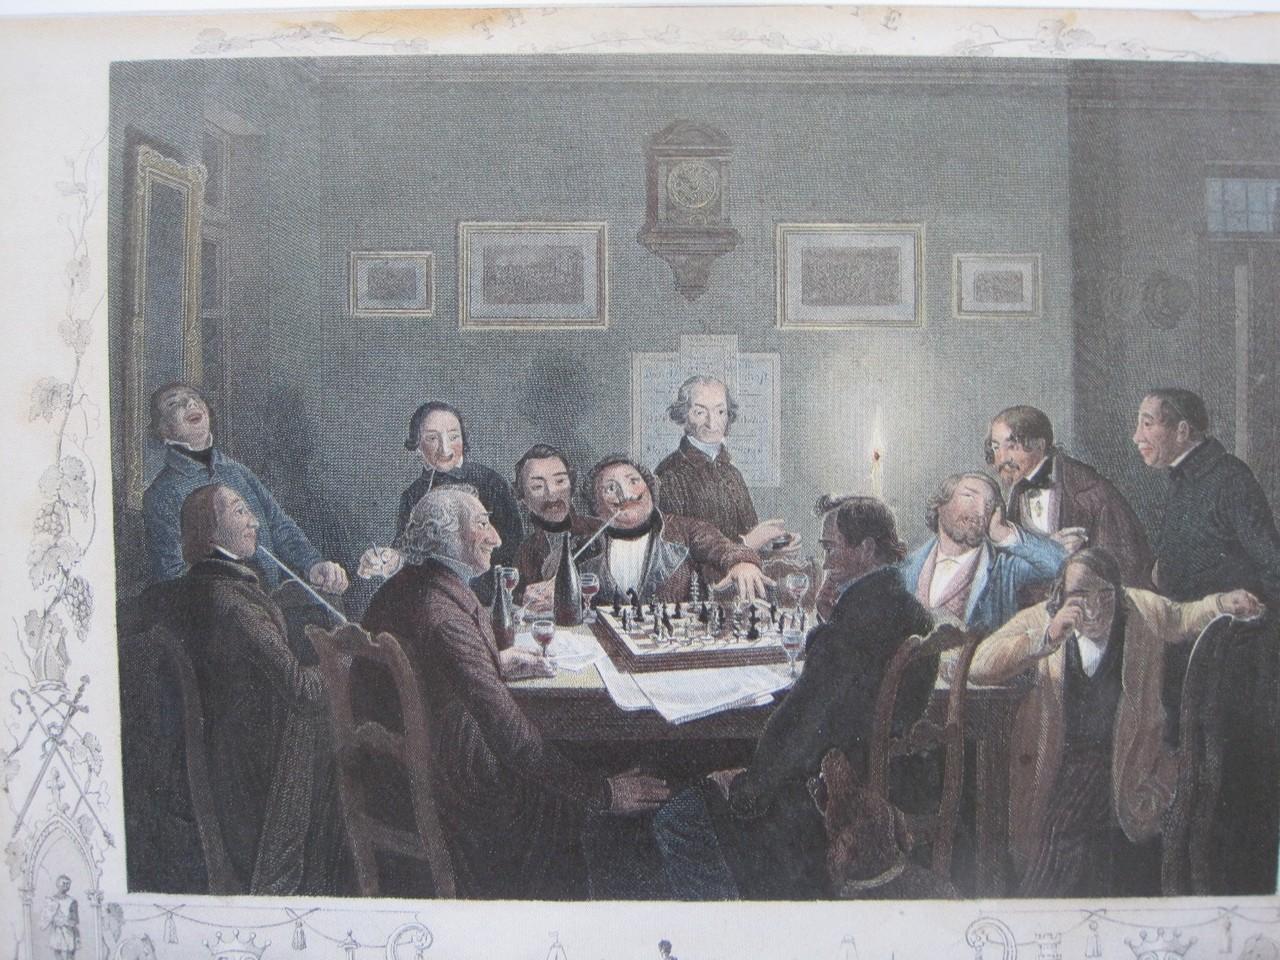 F. Jentzen 1844